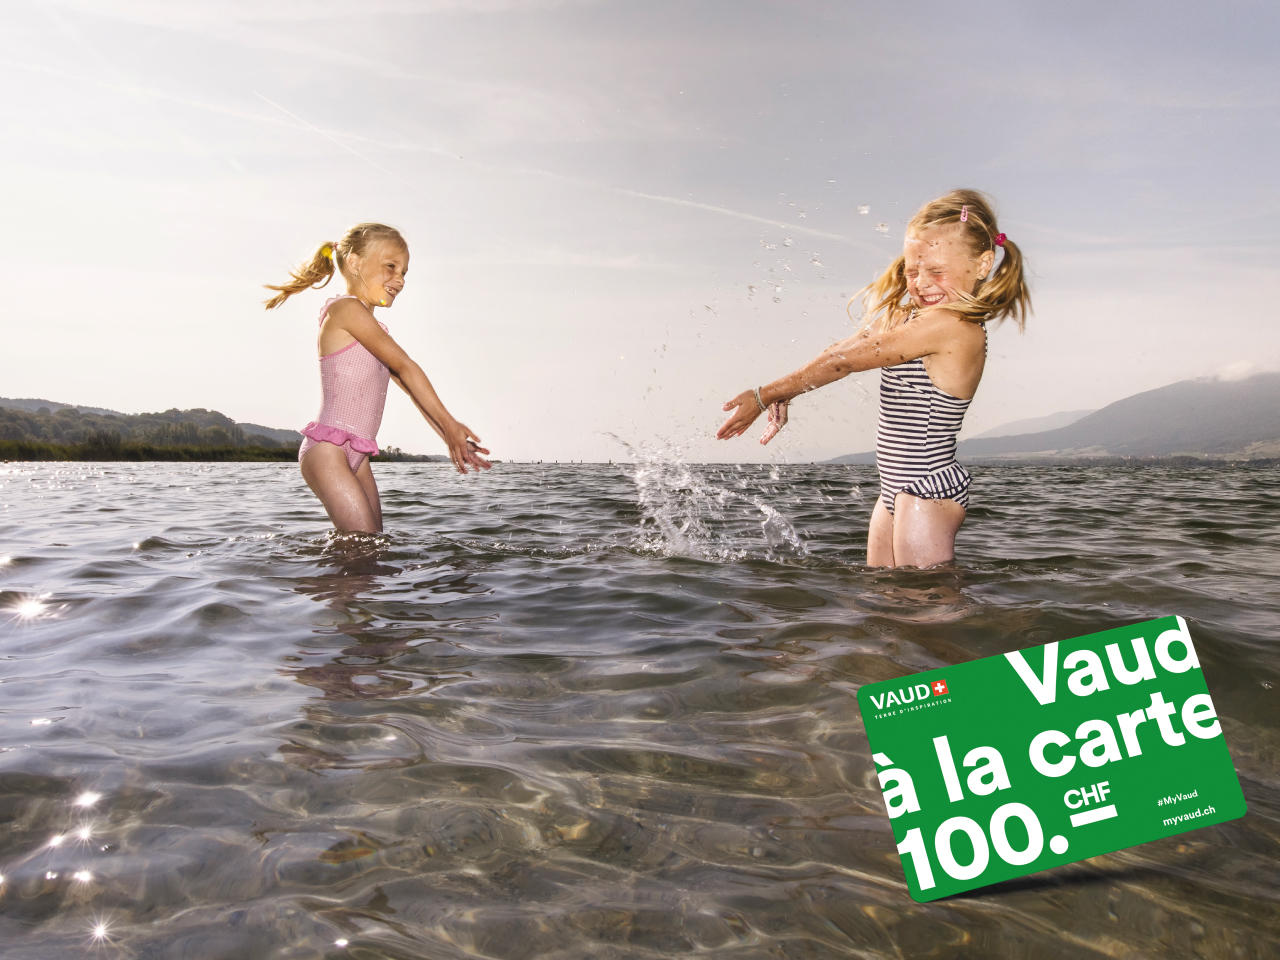 Bons plans pour vos vacances d'été en Suisse - Profitez de l'offre Vaud à la carte !